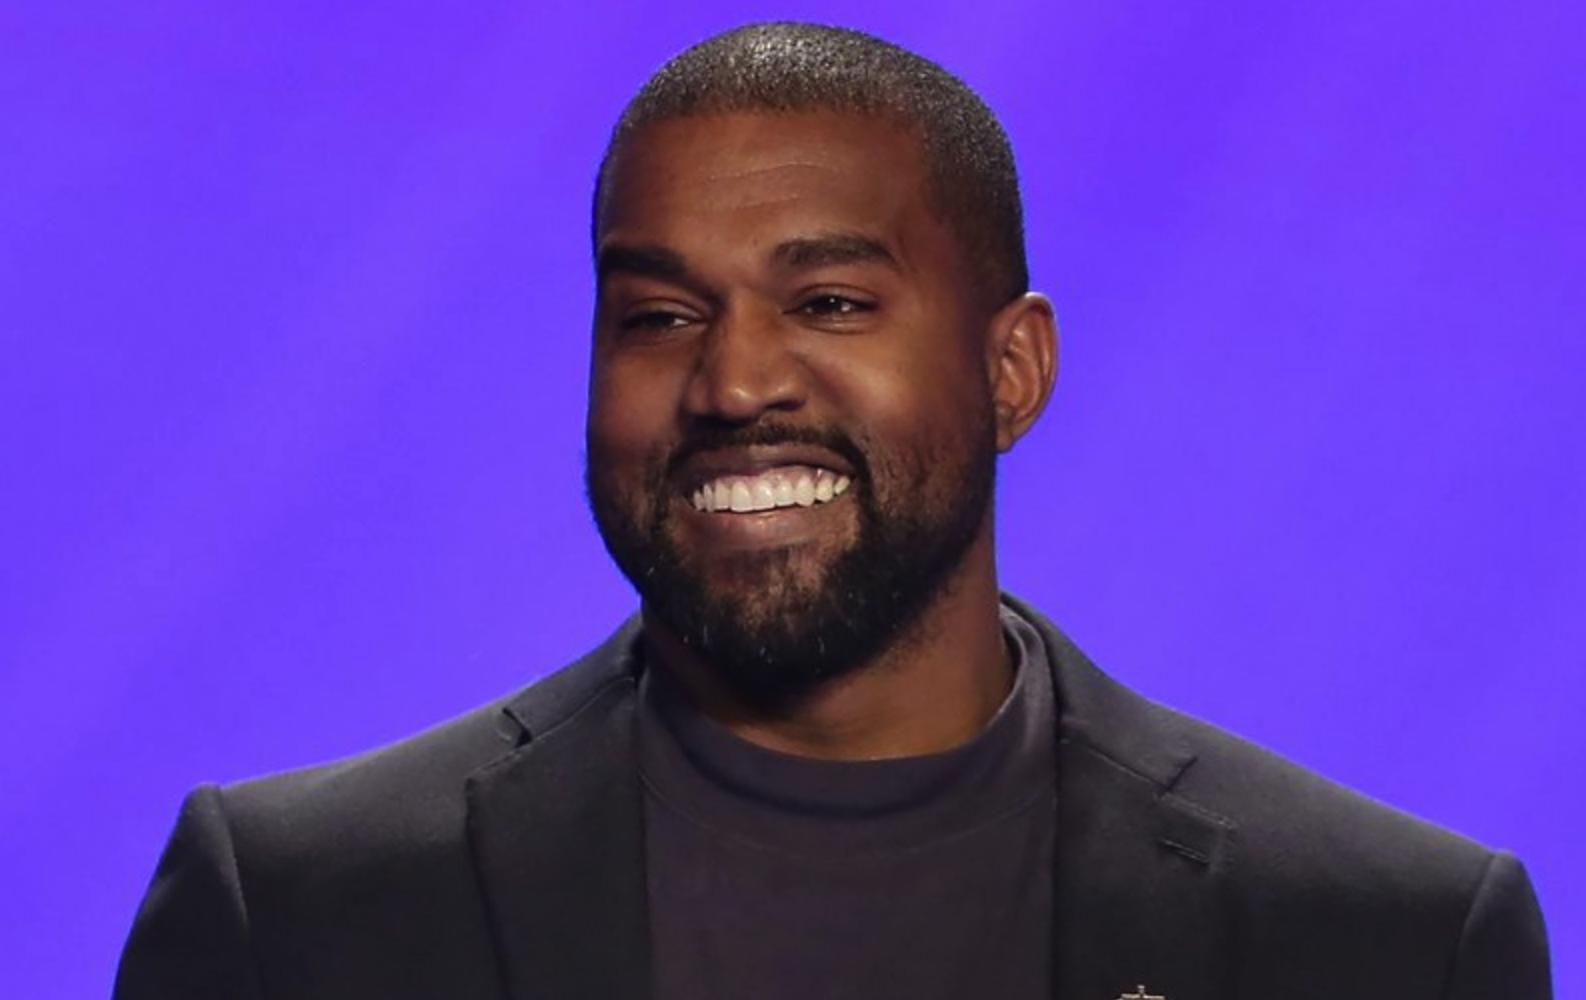 Kanye West promoting crypto